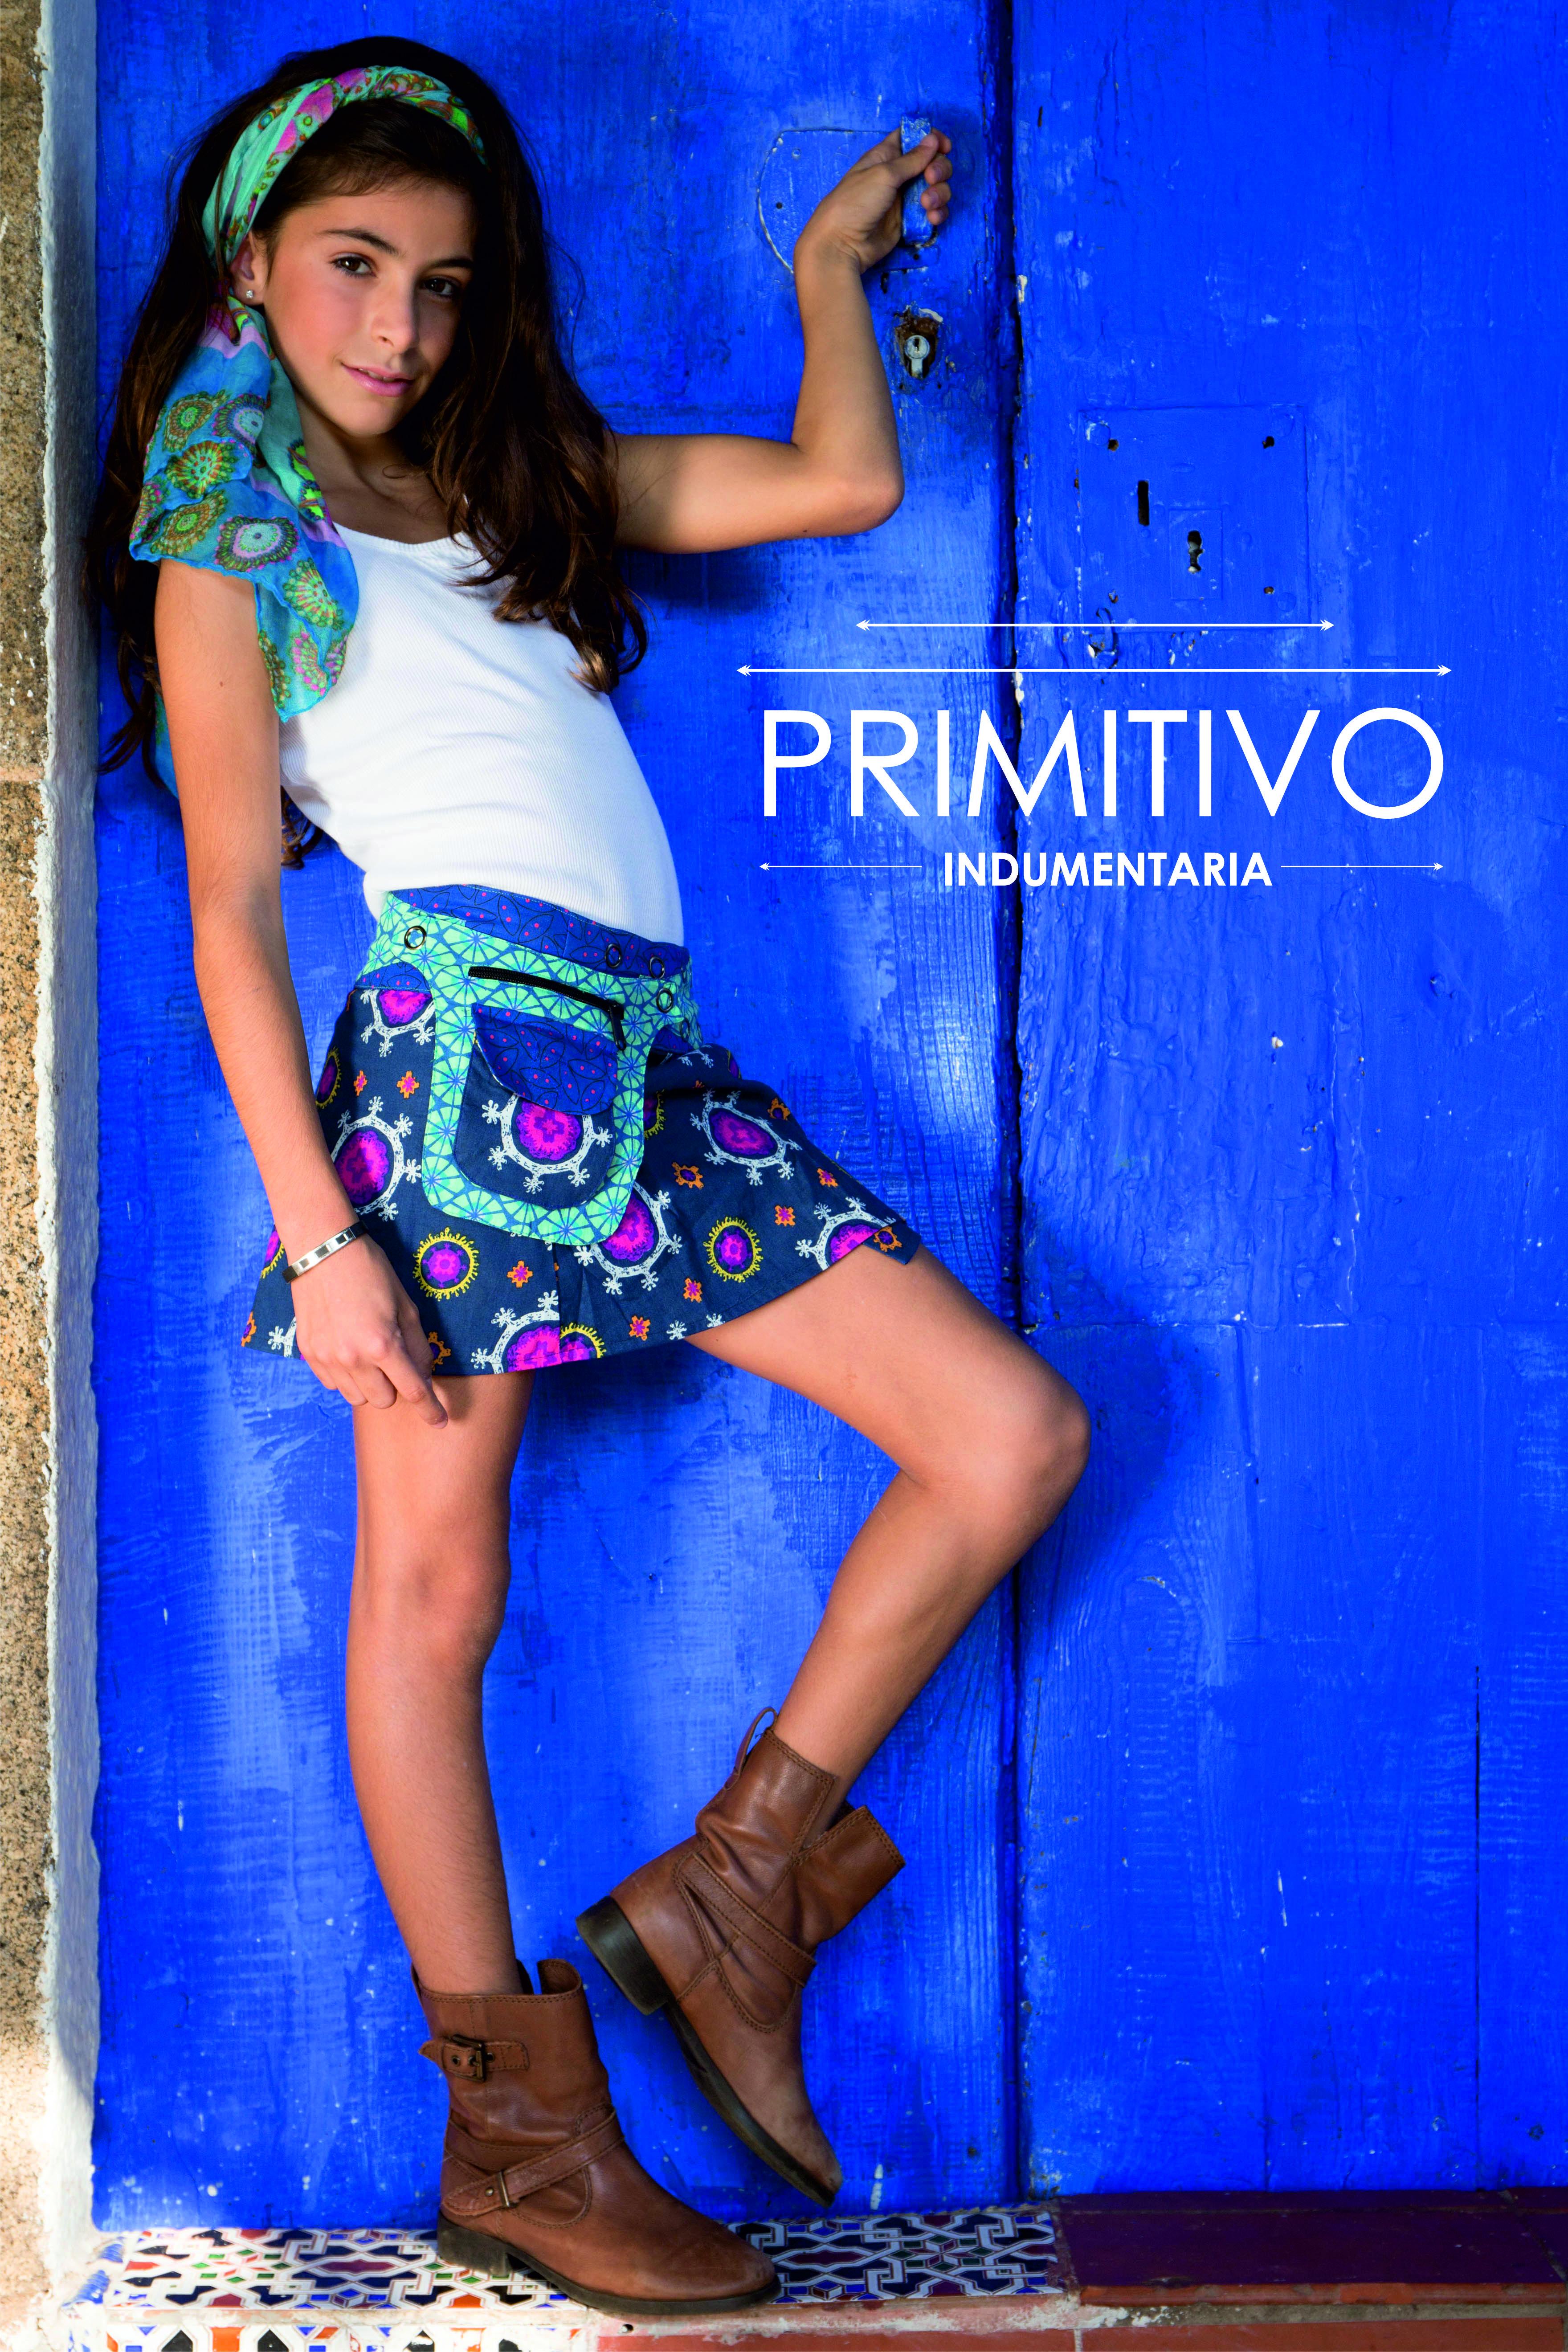 Primitivo te invita a disfrutar del Portfolio primavera-verano 2016 para damas. con diseños & estampados exclusivos. disponibles en la Tienda Online, envios a todo el mundo !! Síguenos en las redes sociales. www.facebook.com/... www.instagram.com... plus.google.com/... #Promociones #sale #Envíos #outfits #summer #barcelona #españa #moda #indumentaria